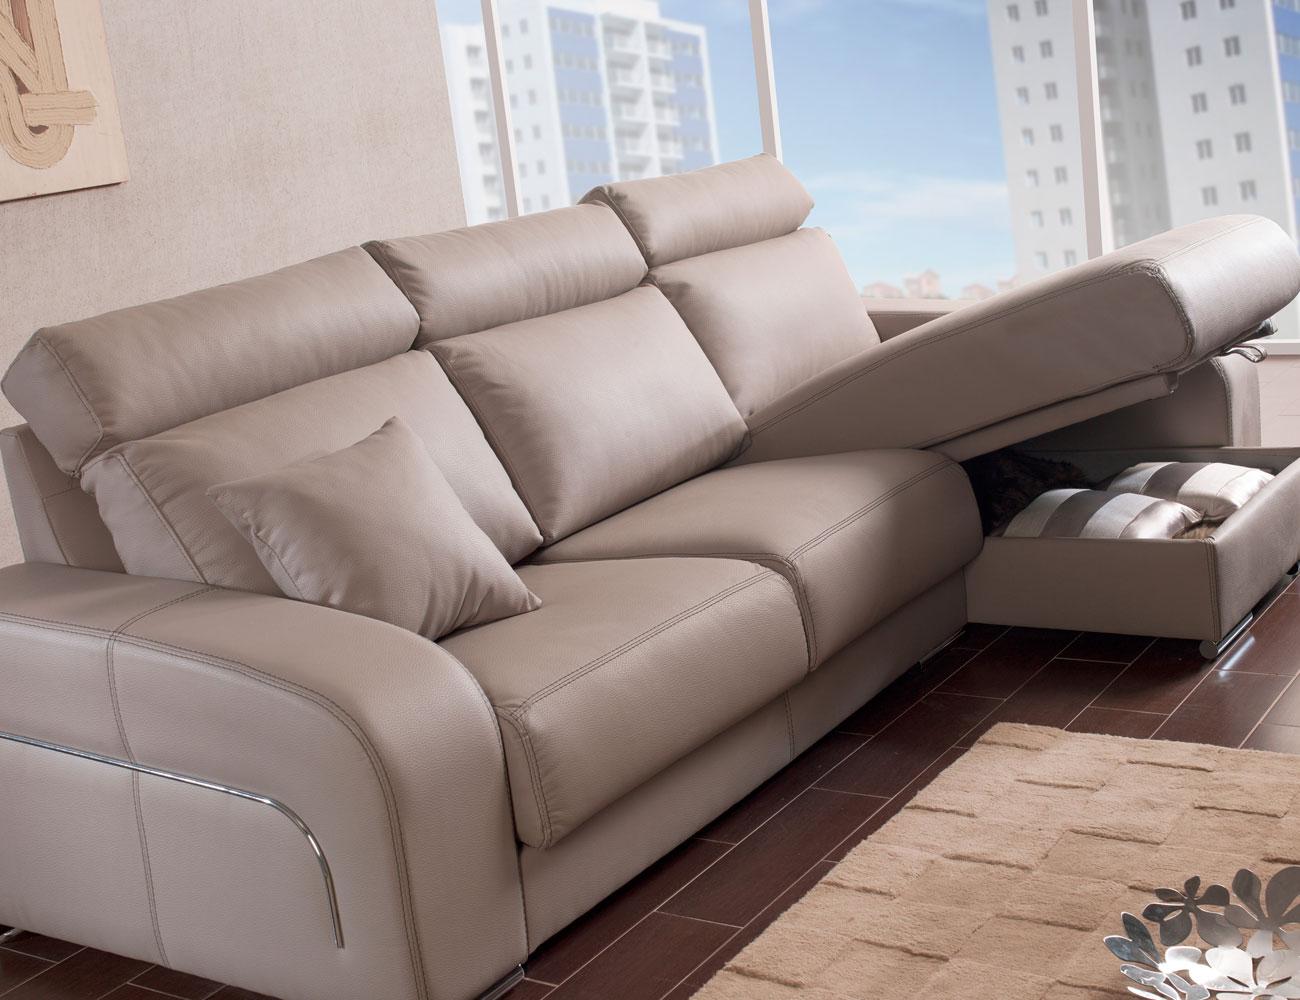 Sofa chaiselongue moderno pared cero arcon9